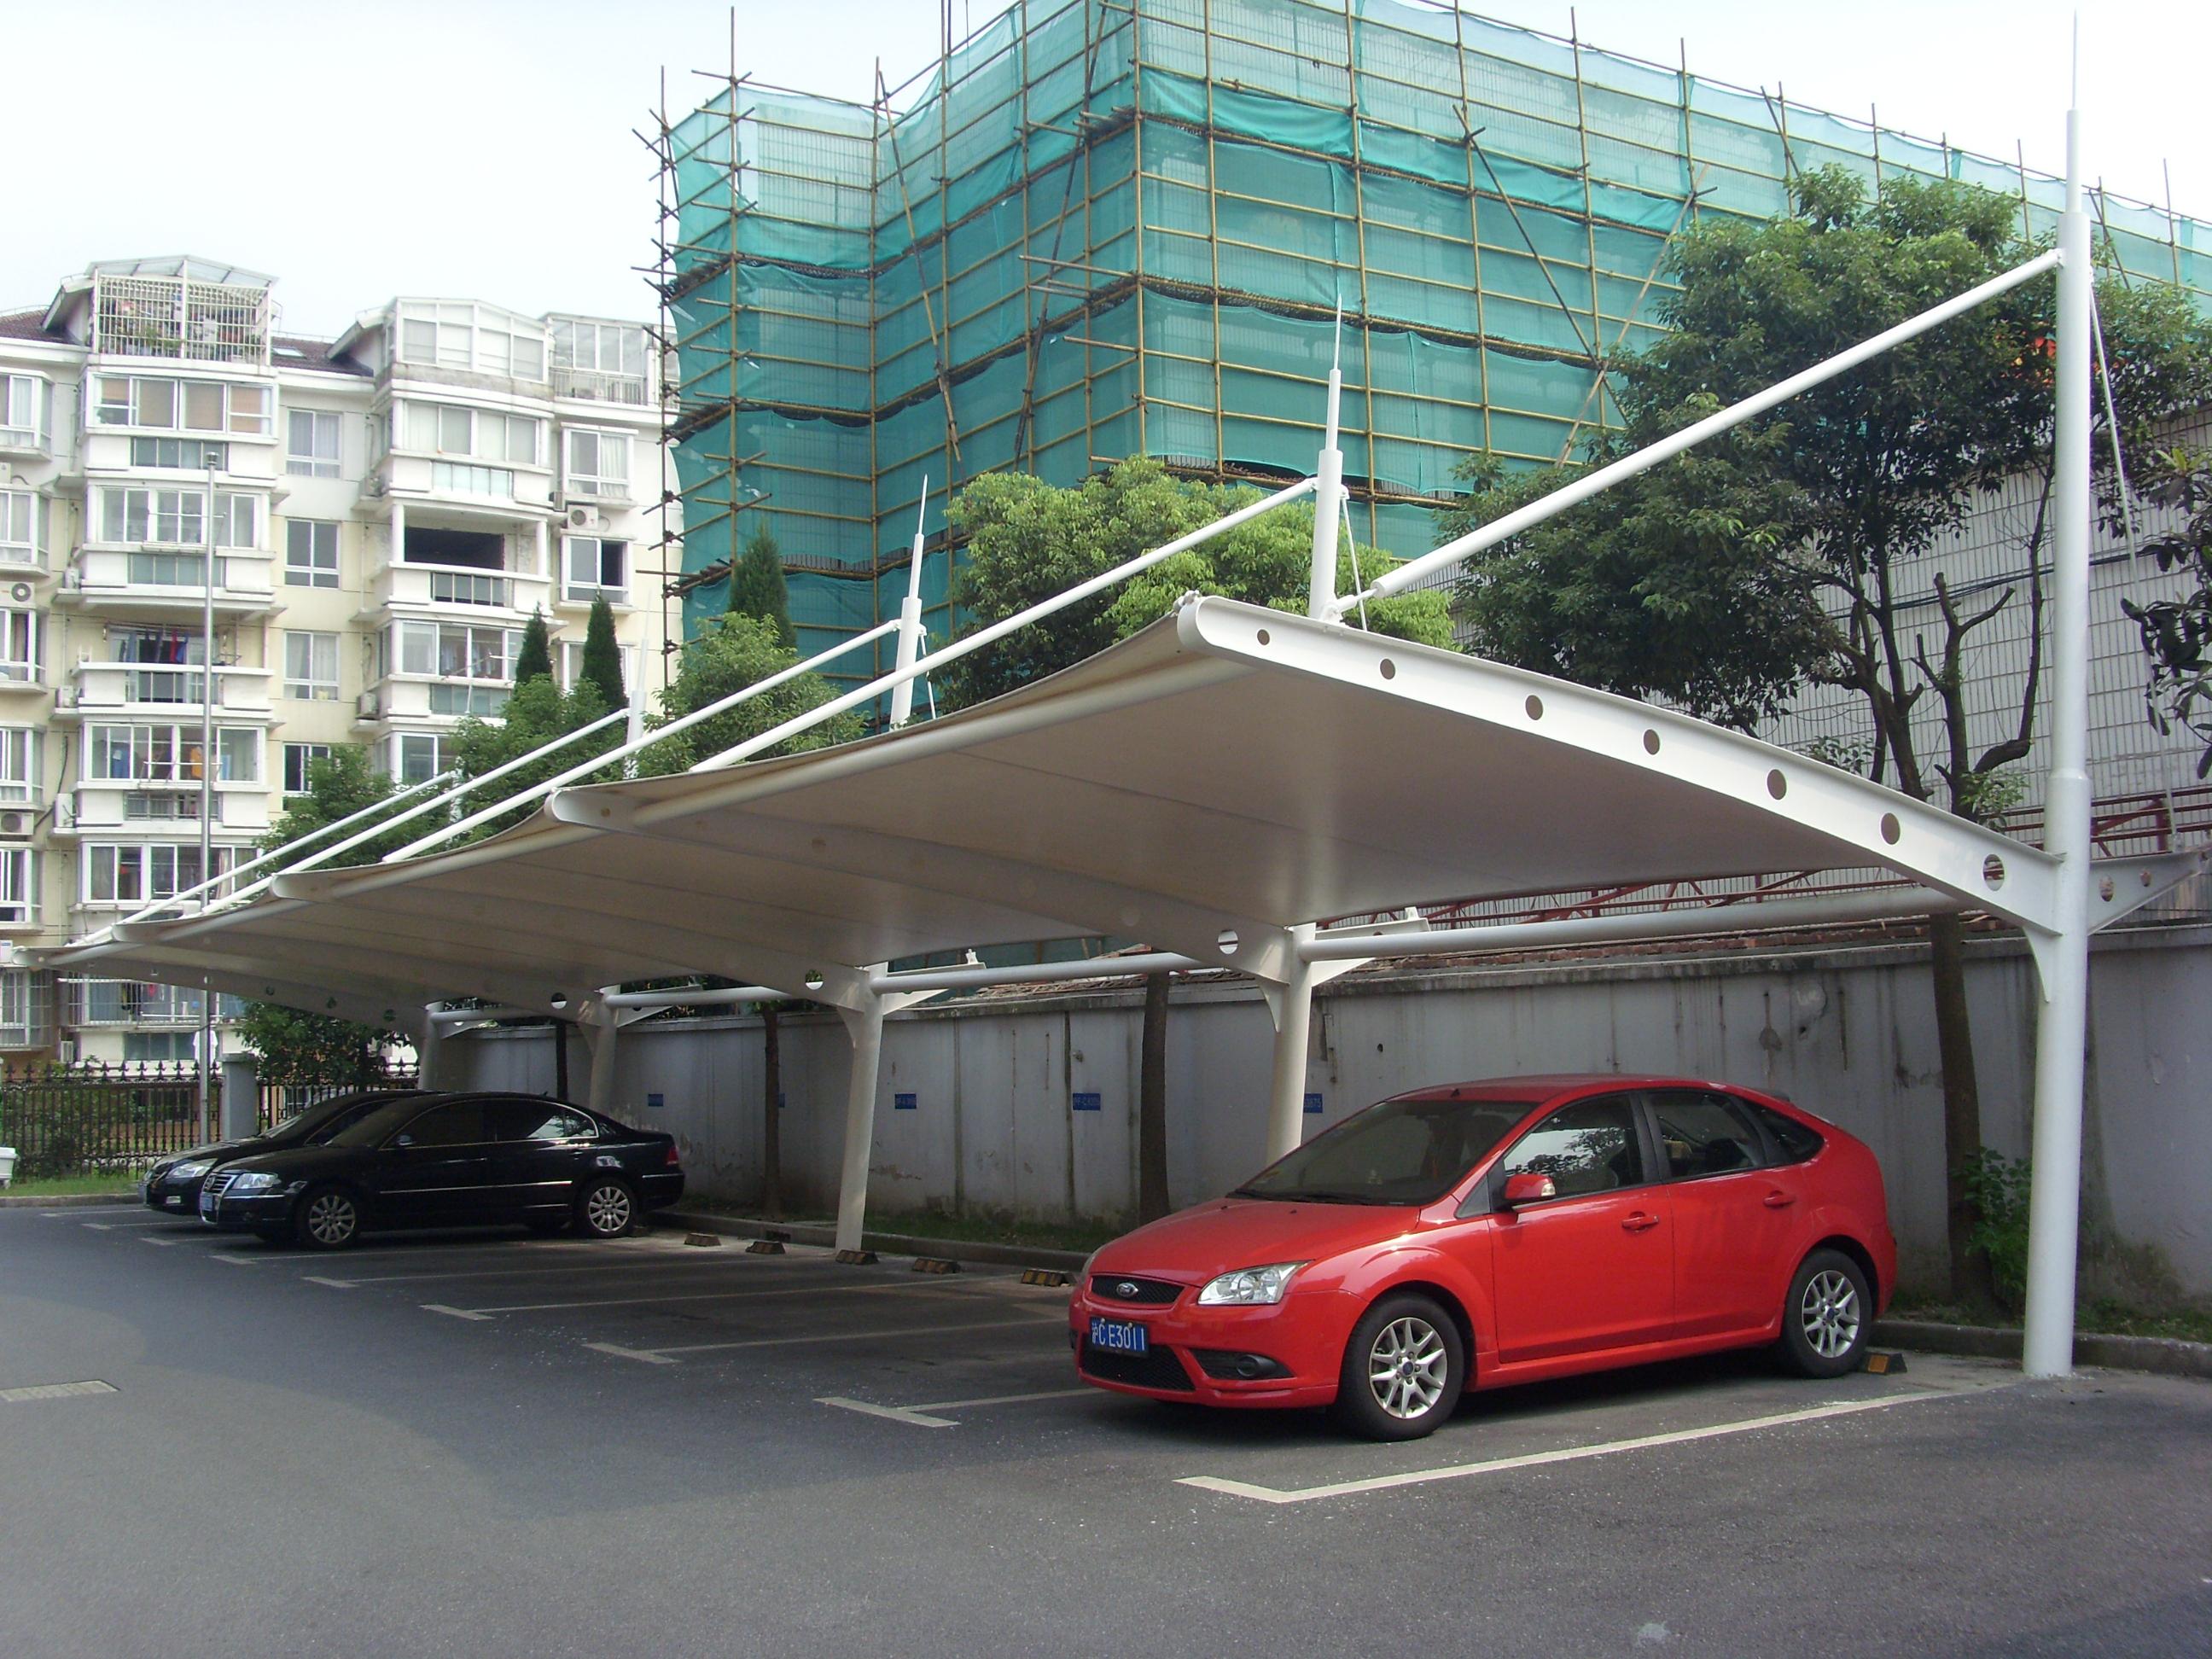 车棚 膜结构车棚 张拉膜车棚 景观车棚车棚分类 109.JPG